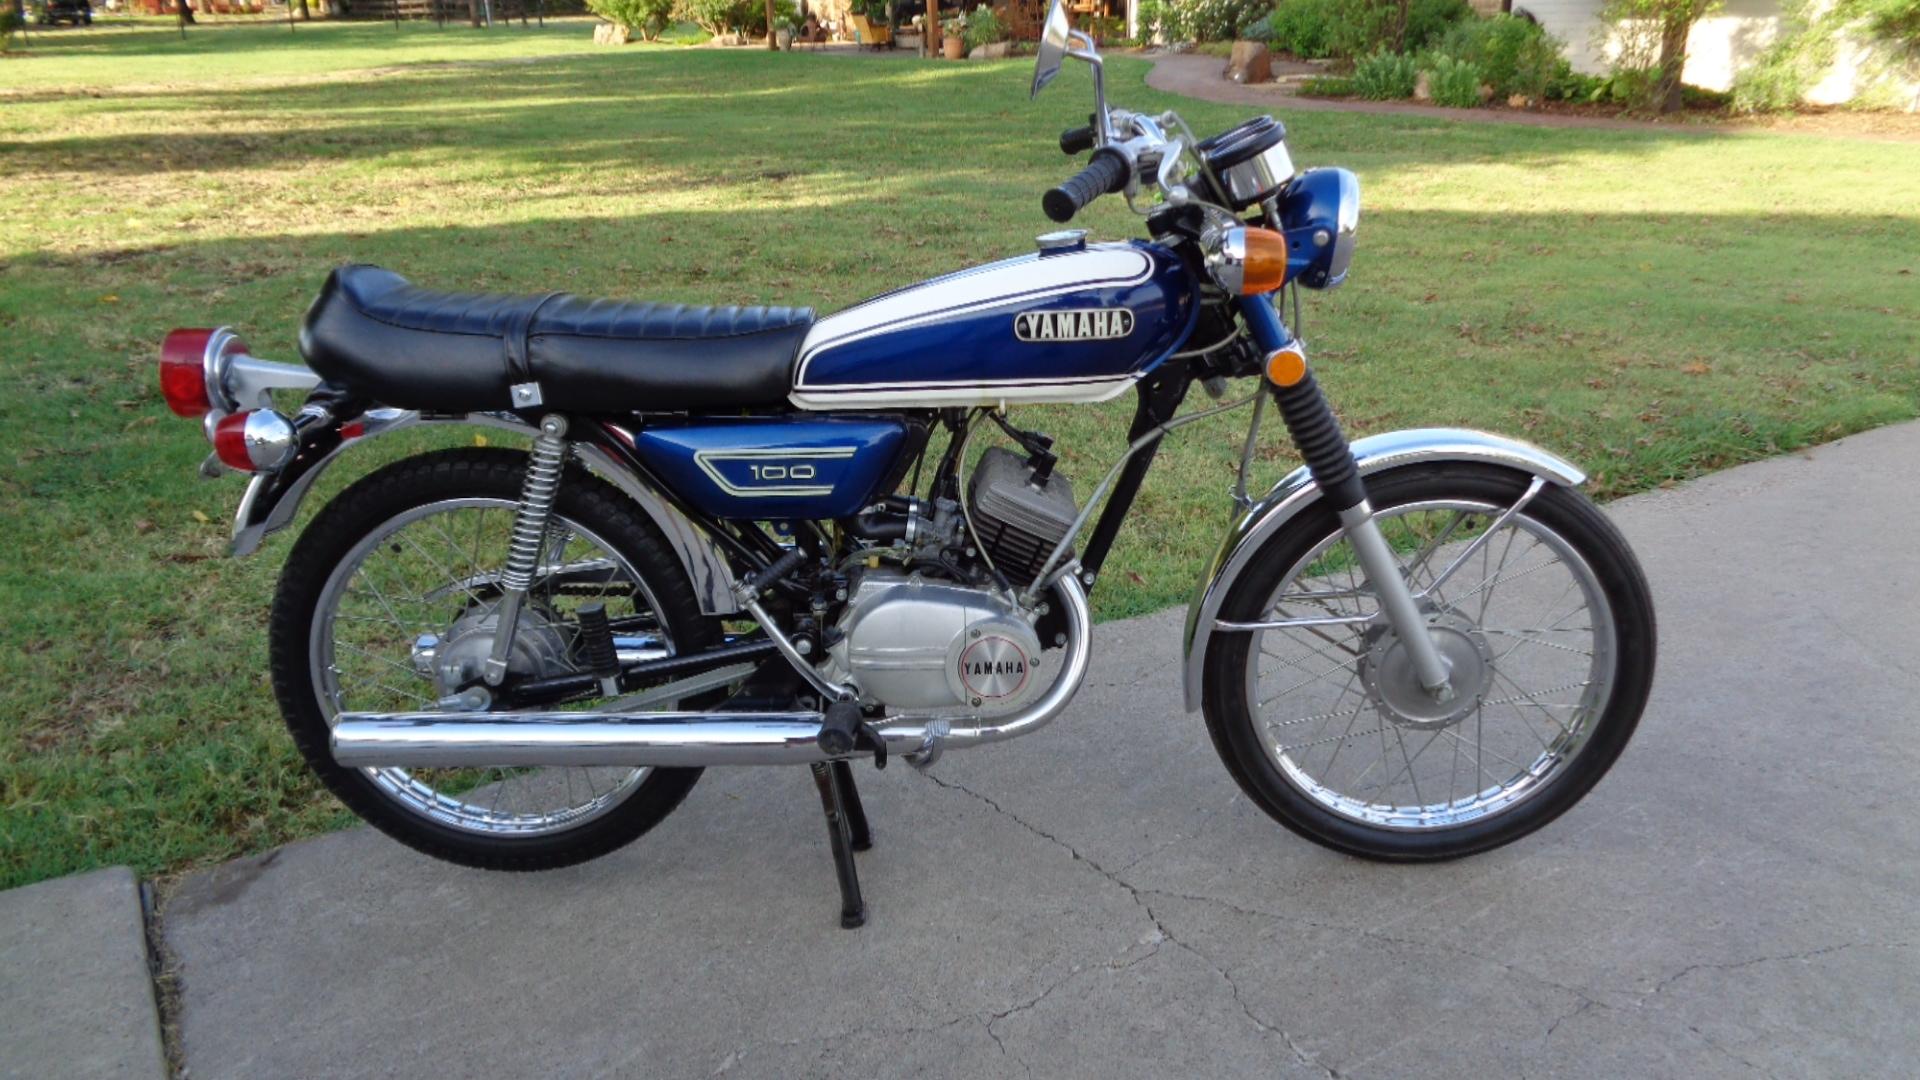 Yamaha Ls Cc Twin